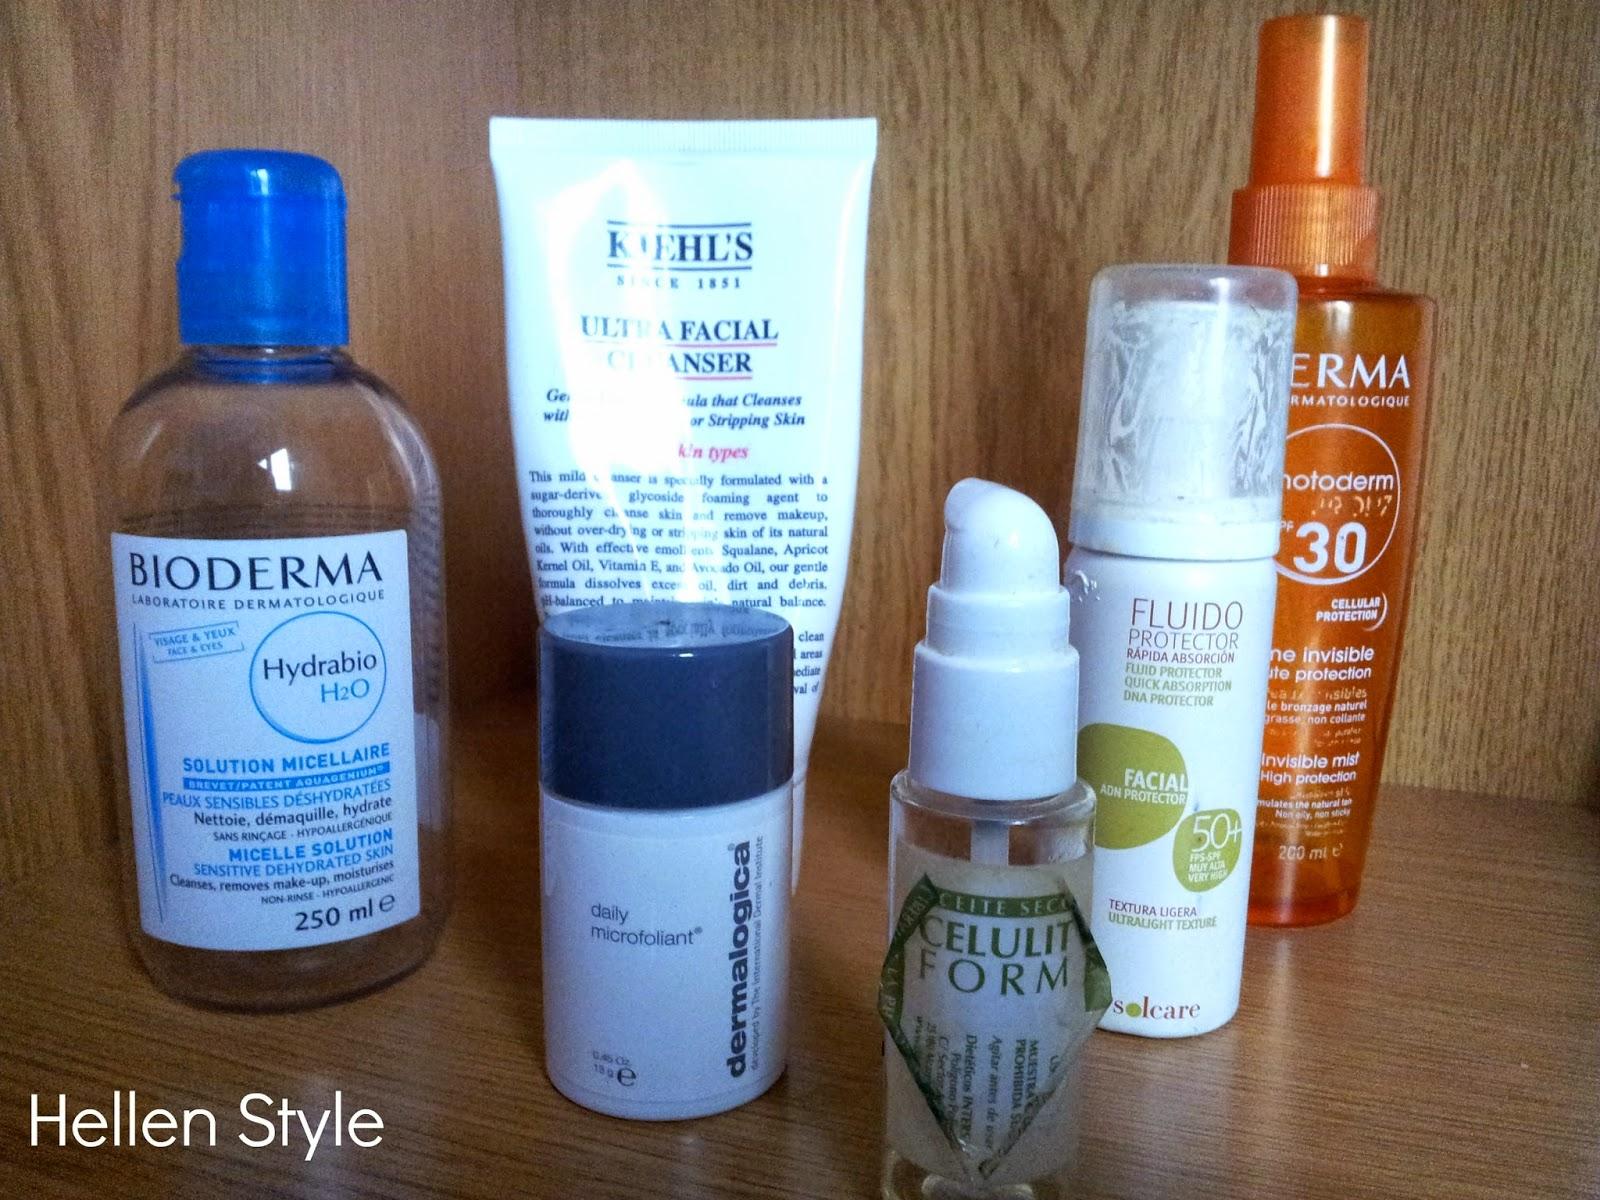 Productos de cosmética acabados